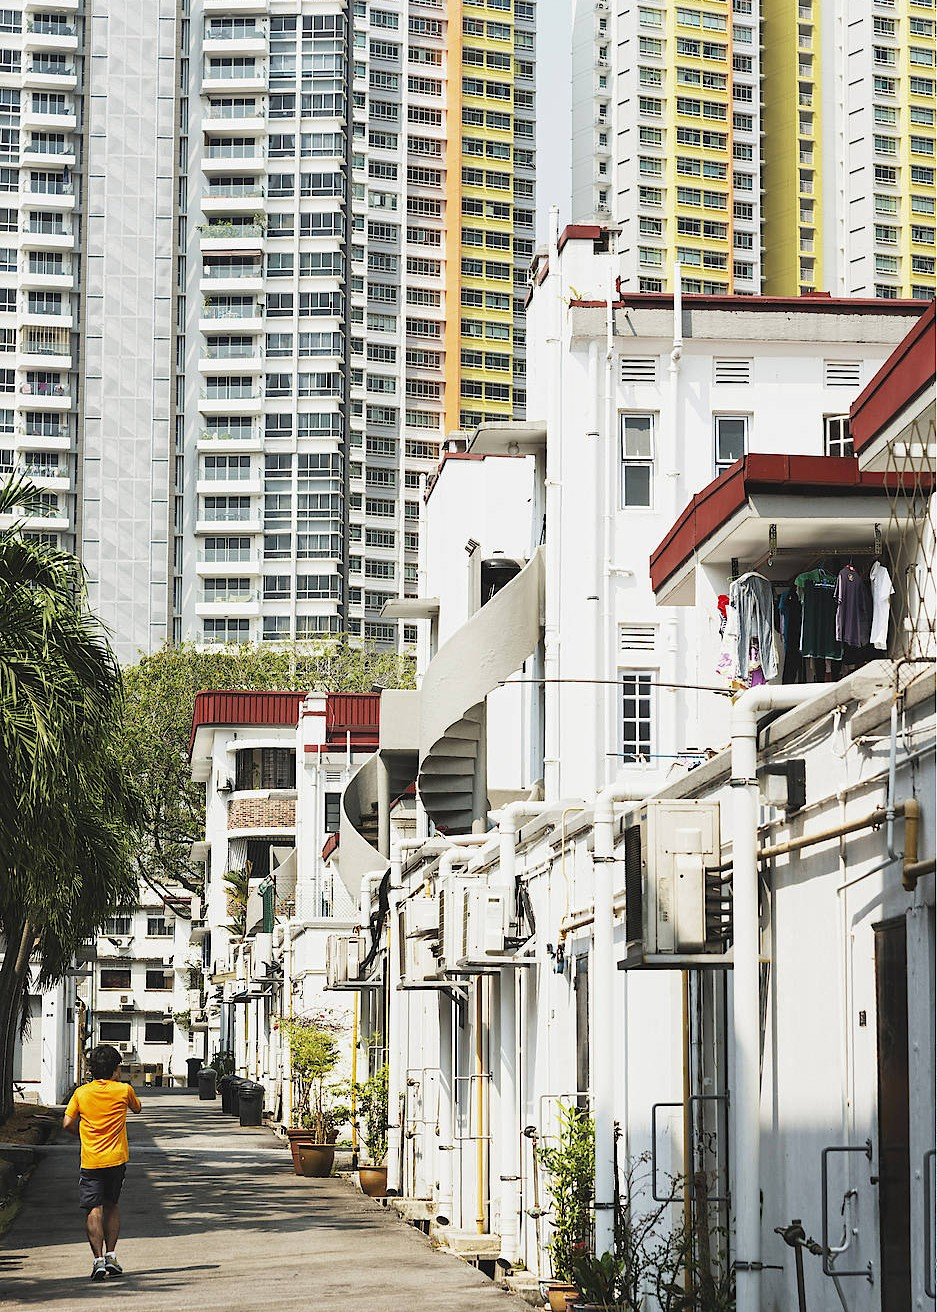 wohnen in singapur im schmelztiegel der stadt. Black Bedroom Furniture Sets. Home Design Ideas